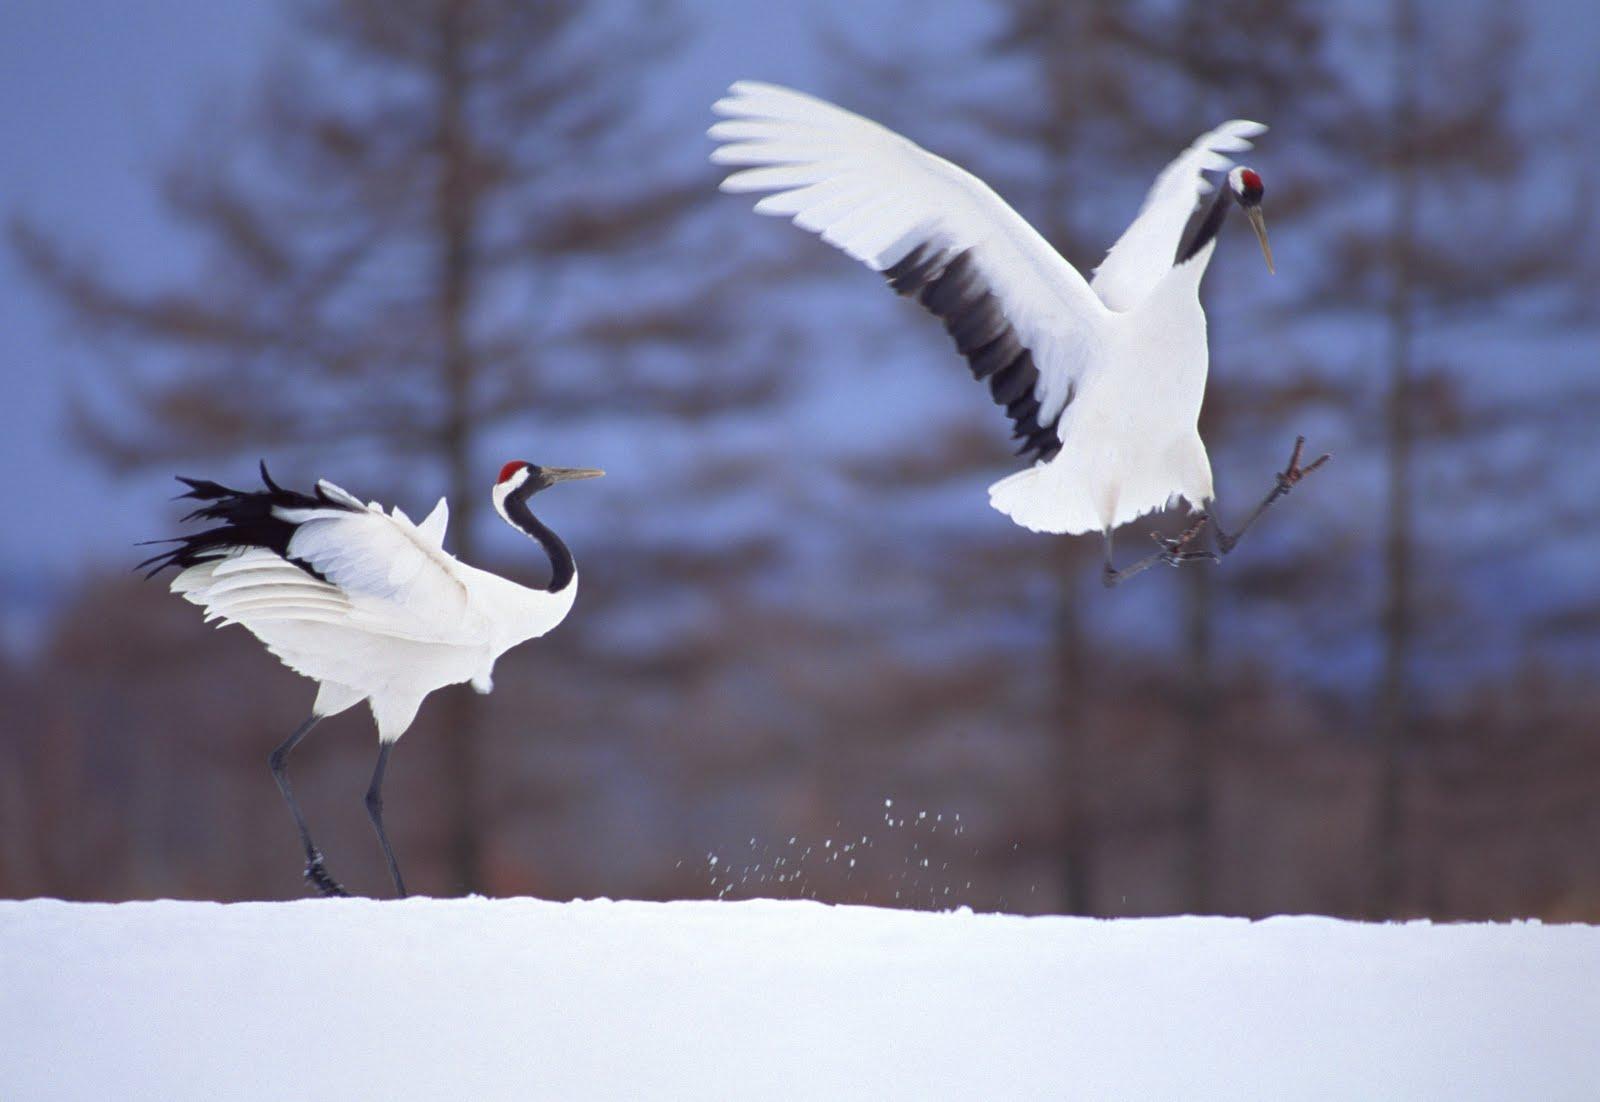 http://1.bp.blogspot.com/-1nZ7o_G3NsE/ThPqTpdkbvI/AAAAAAAAMws/BYQosETEMjk/s1600/ducks+wallpapers+birds.JPG